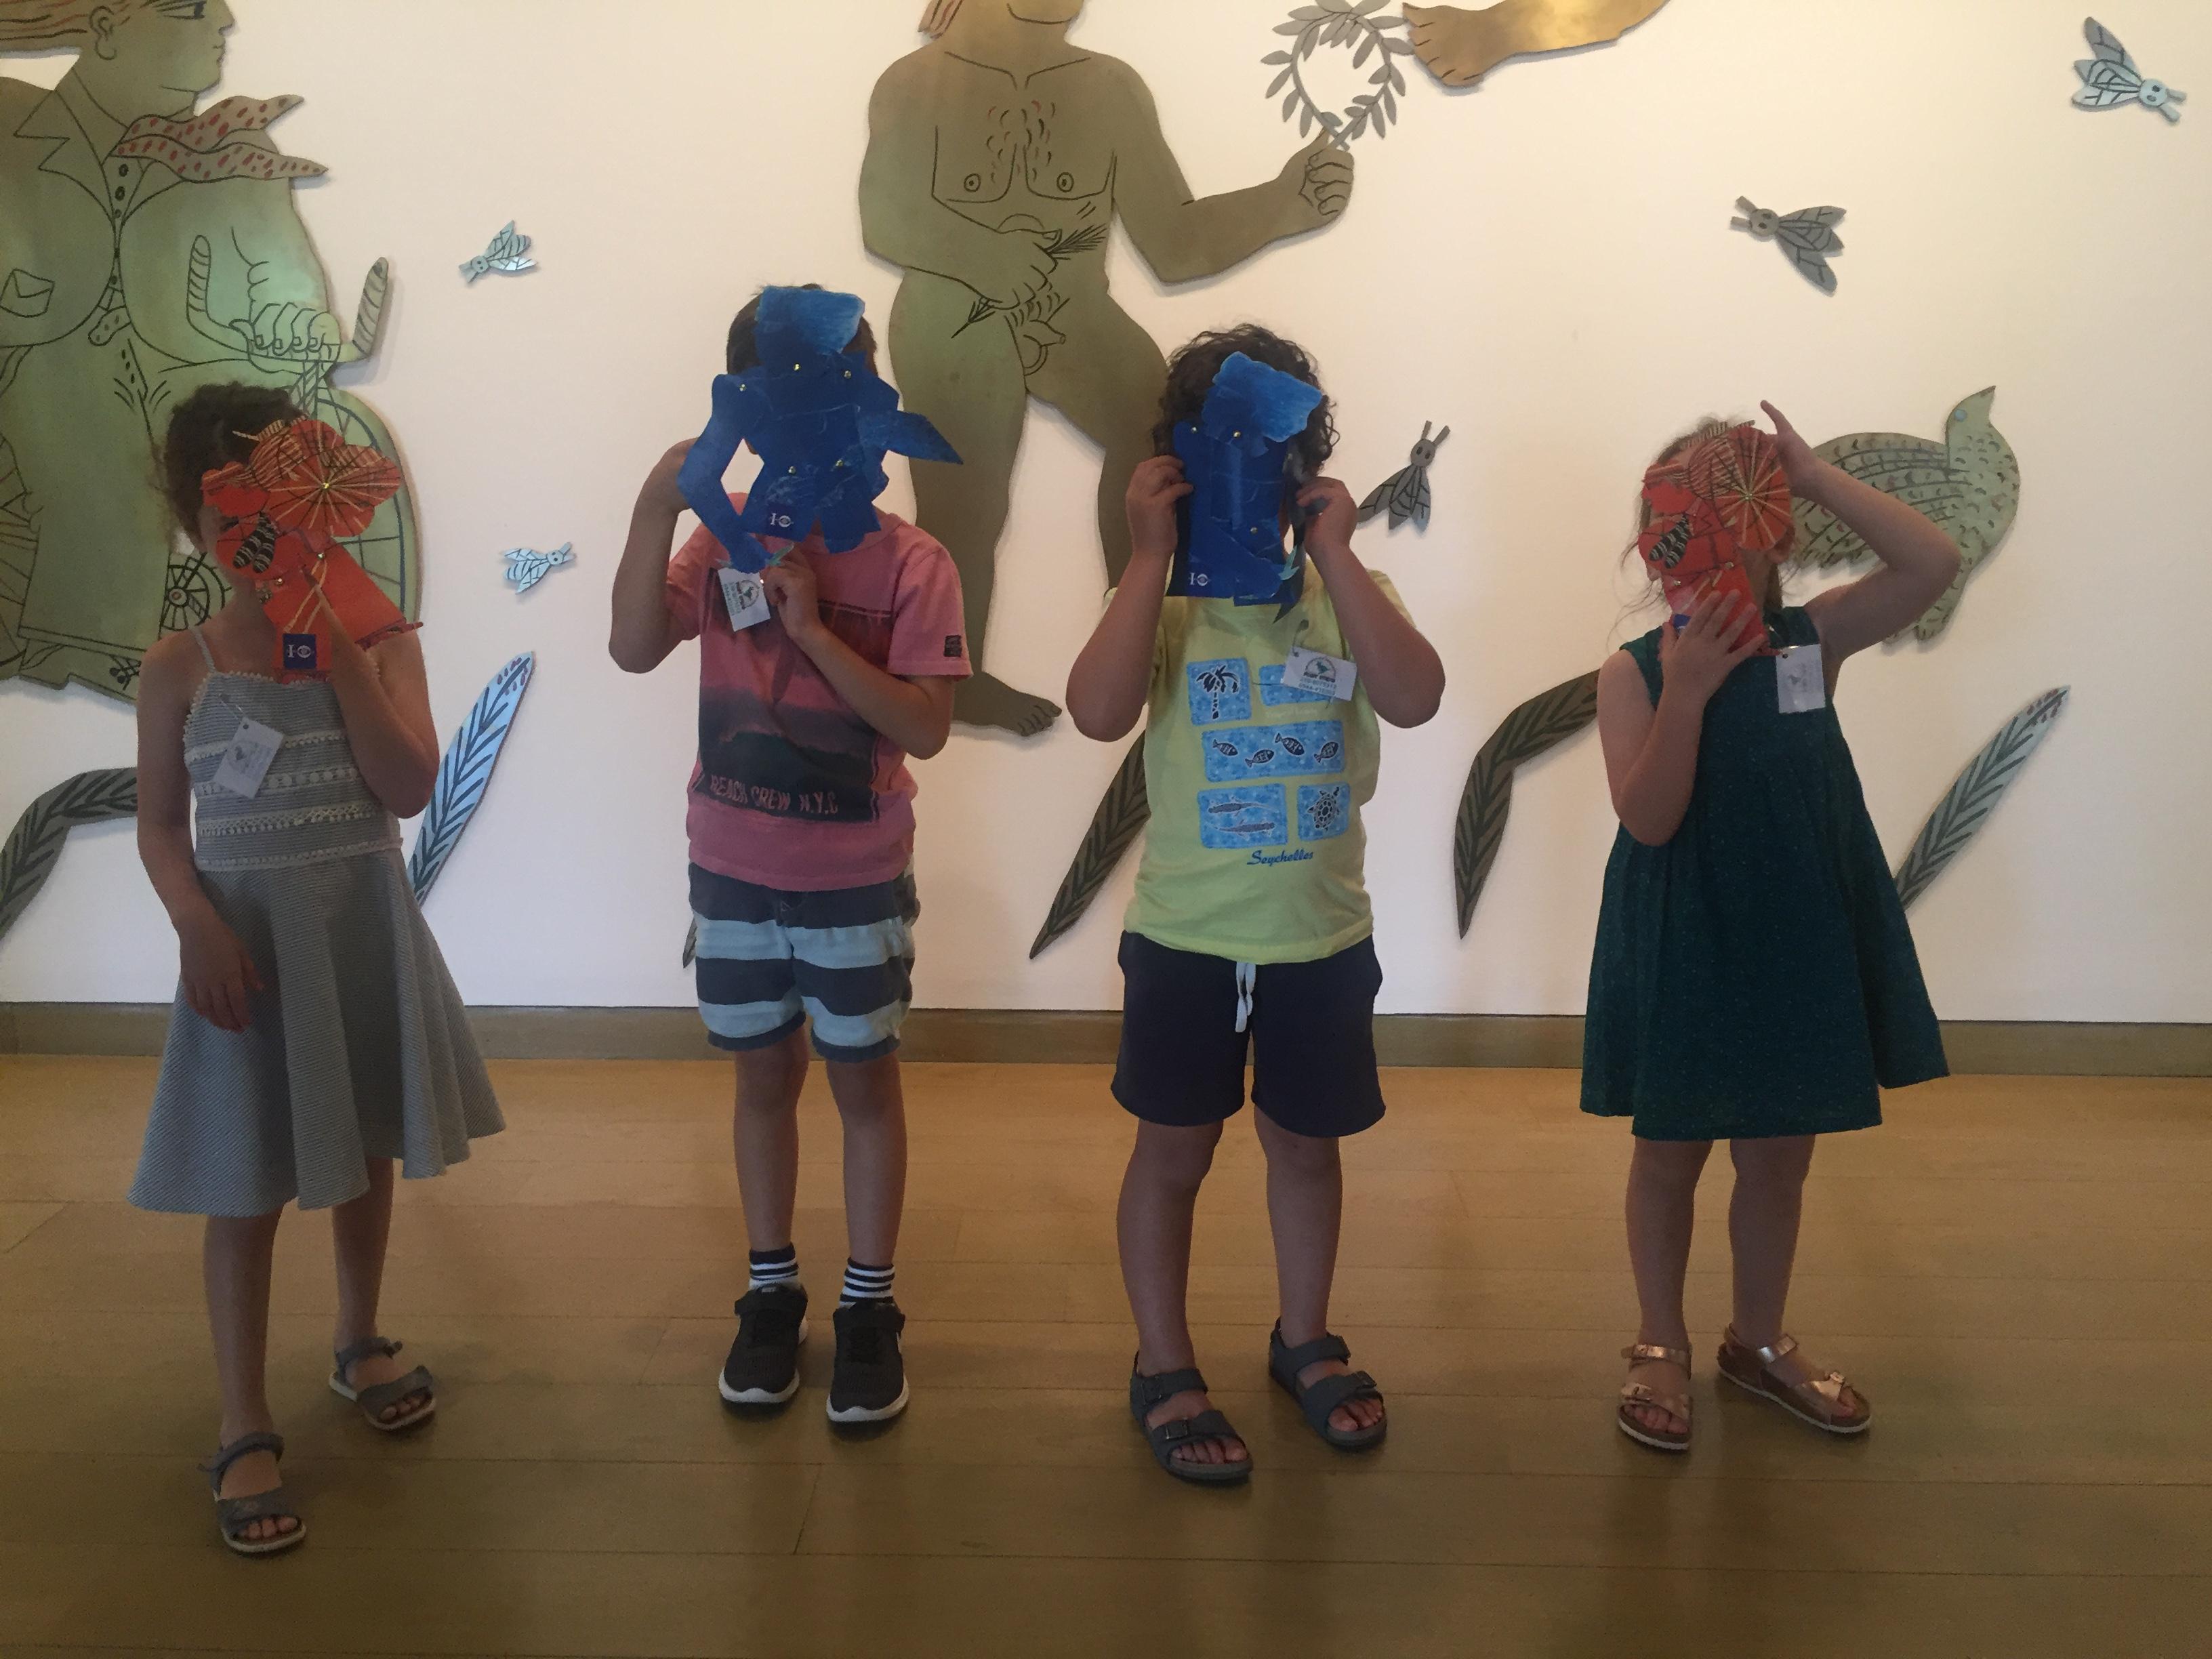 Μικροί καλλιτέχνες με αφορμή μια έκθεση | Για παιδιά 8-12 ετών